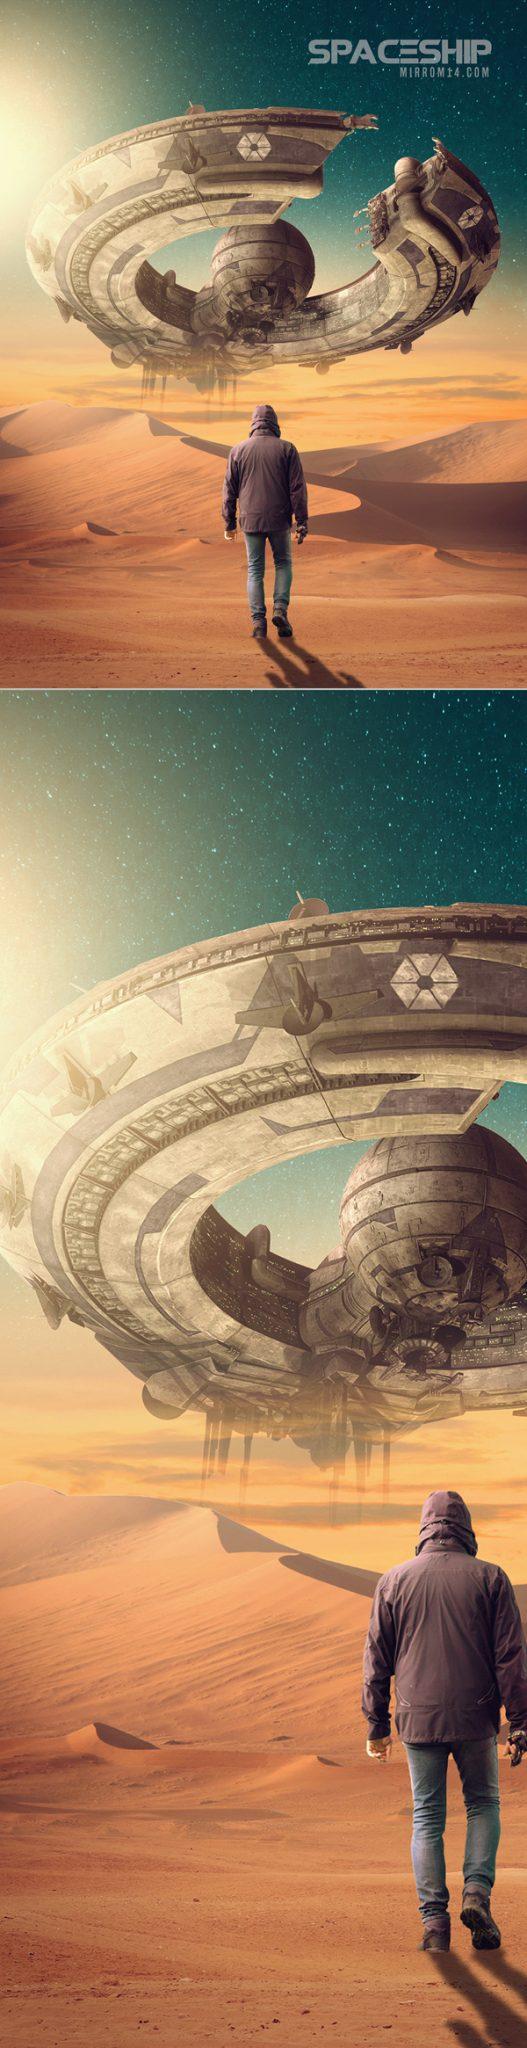 Crear una manipulación de fotos de fantasía y ciencia ficción en Adobe Photoshop